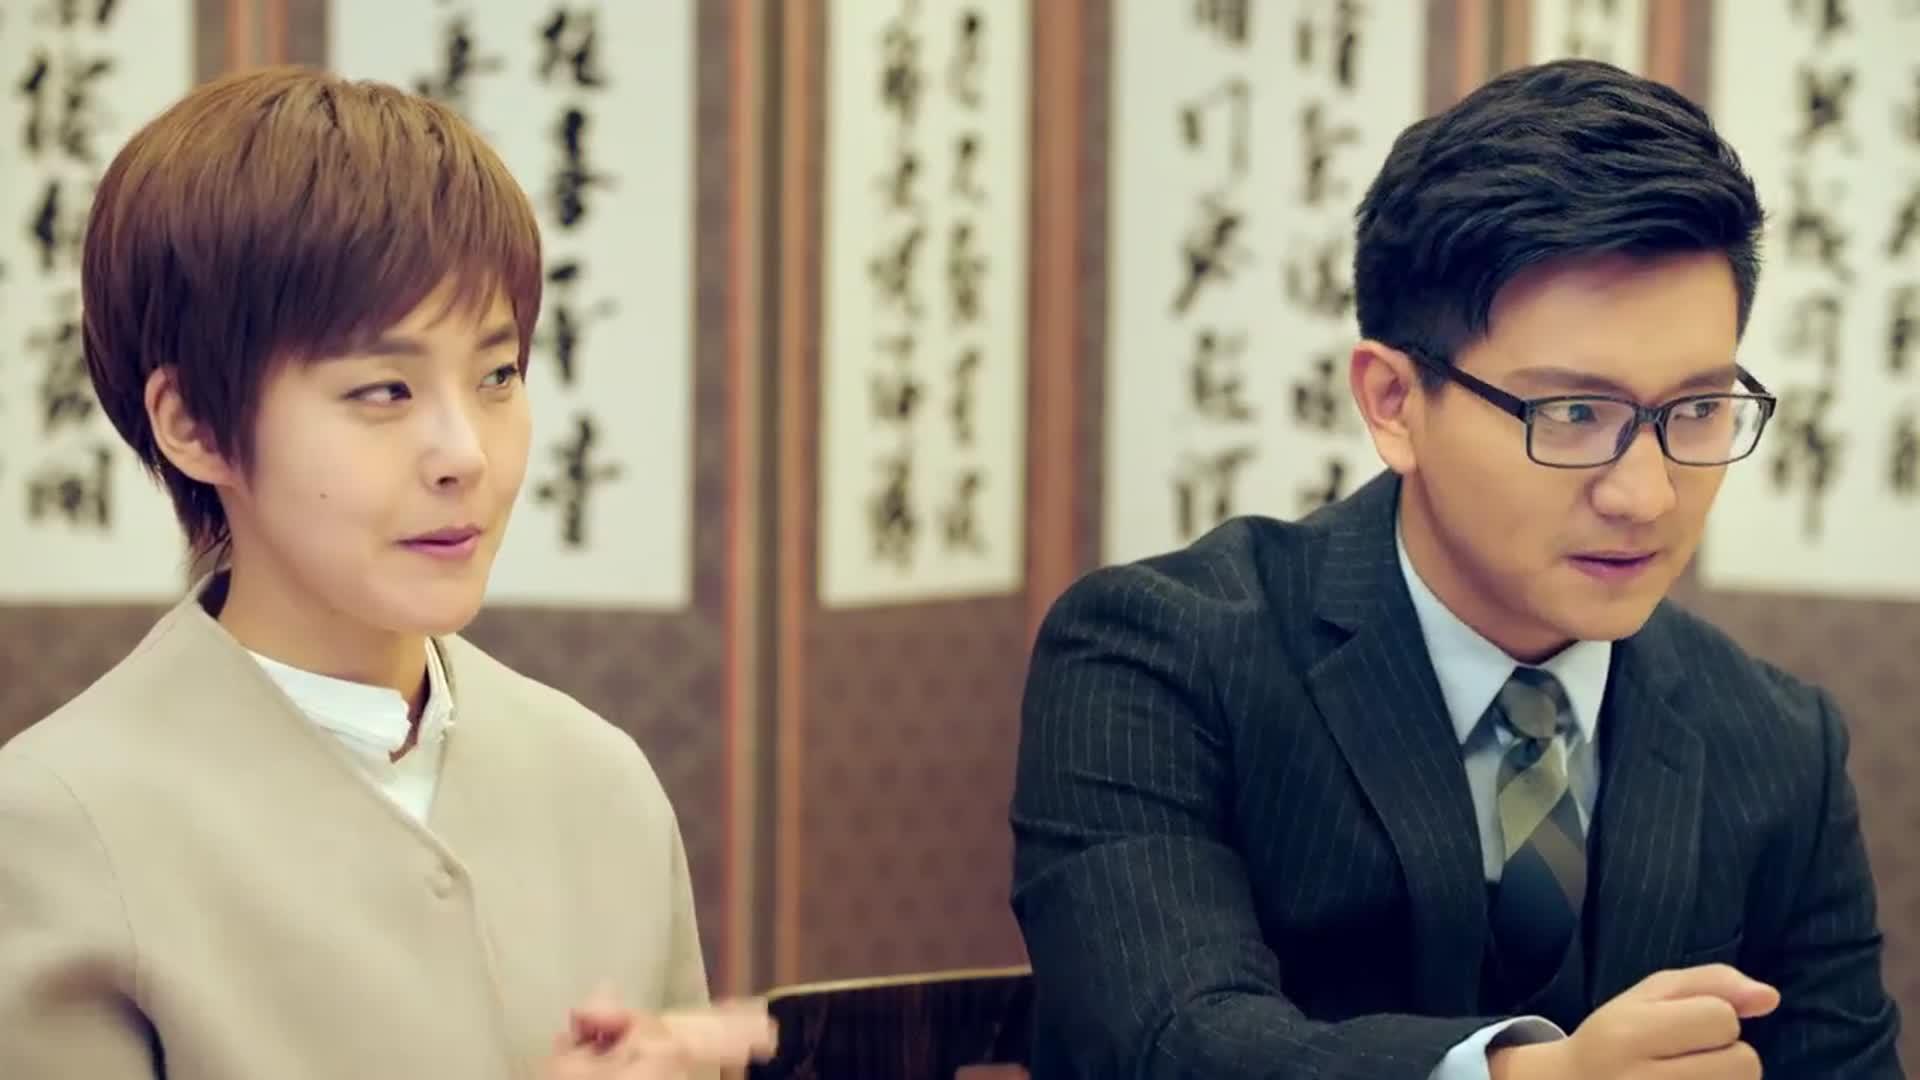 鸡毛:王旭参加韩国人的饭局,不料却在那看到了邱岩,王旭惊了